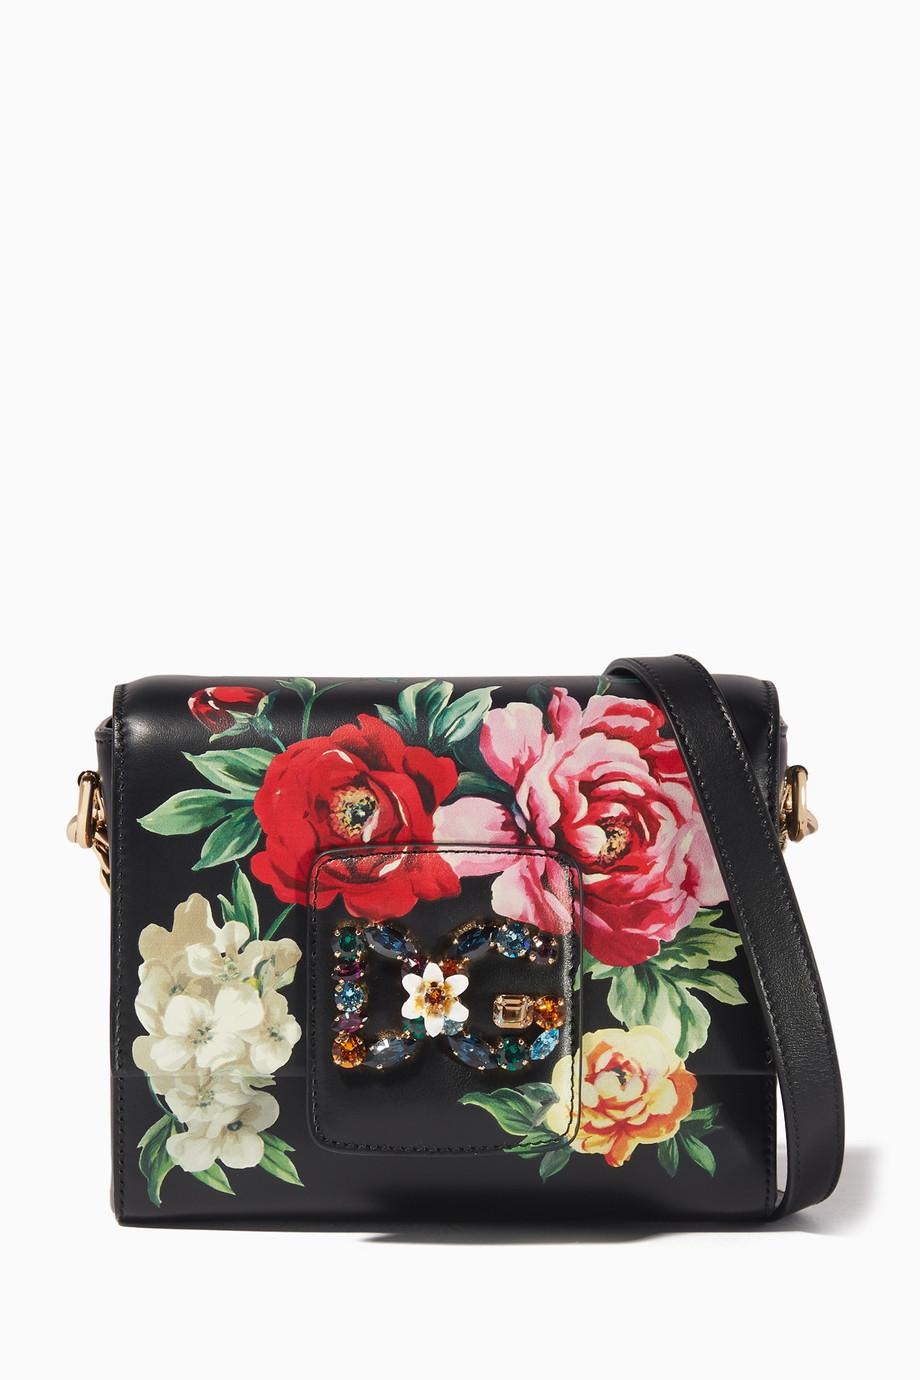 f2e0da568e6 Shop Dolce & Gabbana Black Mini Rose Embellished Millennials ...